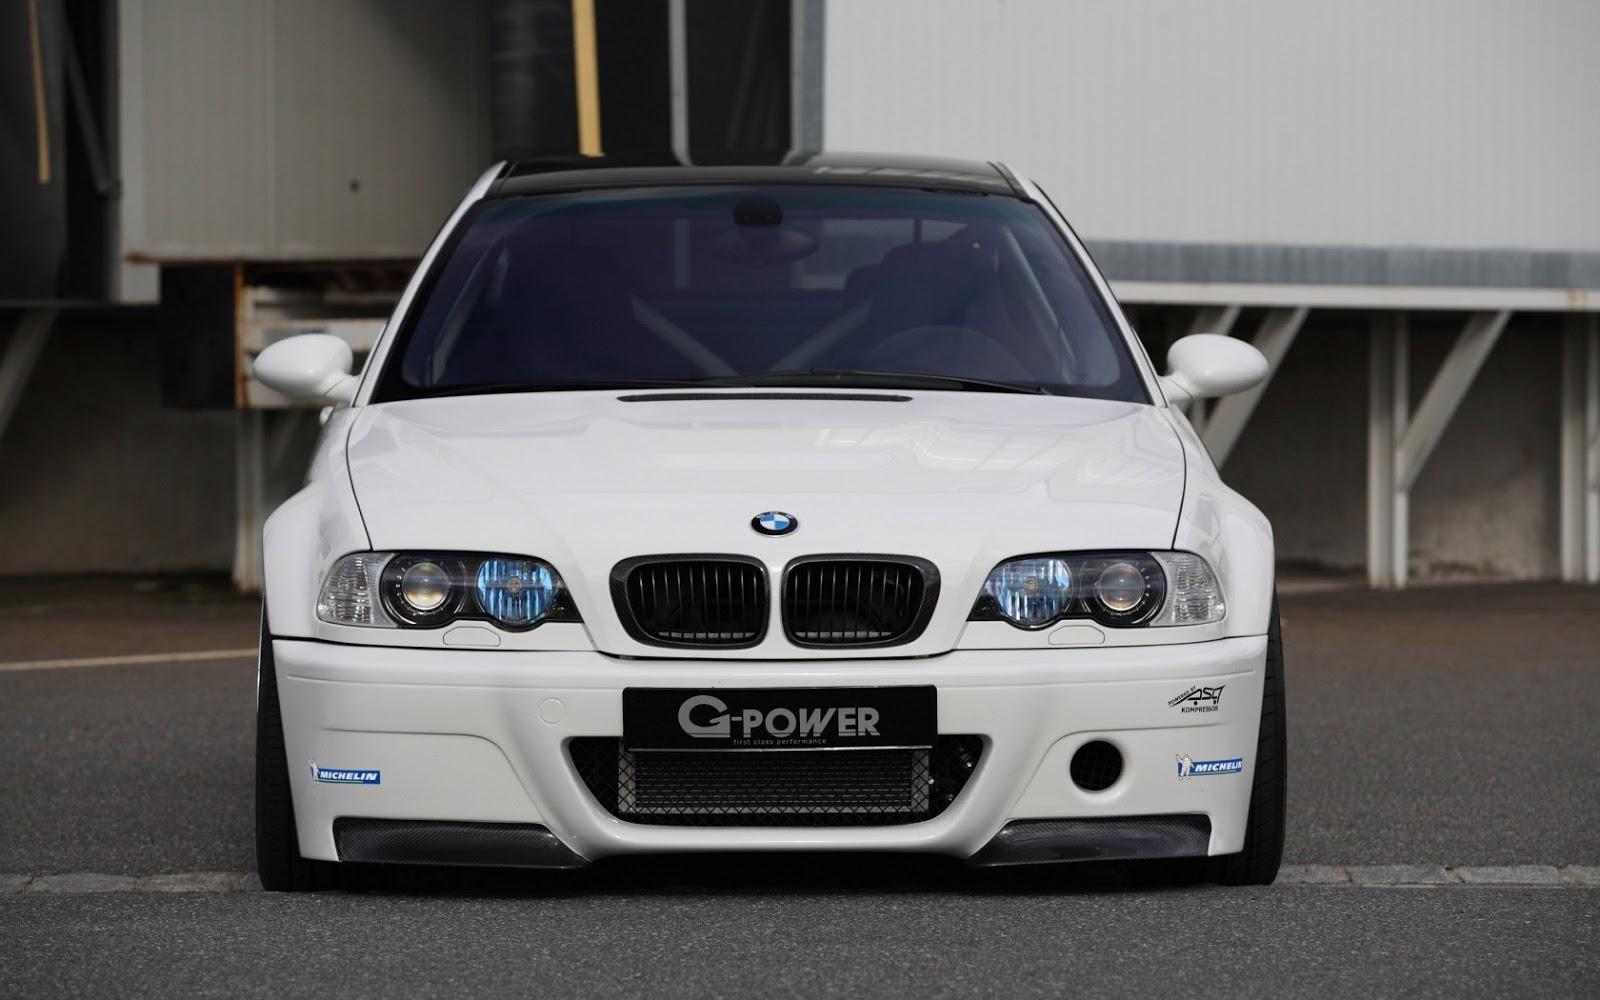 http://1.bp.blogspot.com/-GxZx2d7ZgMo/UPVVdT6VuBI/AAAAAAAAAkI/Ch8azsOHhdw/s1600/BMW+Wallpaper+1920x1080+View+Front+Side.jpg